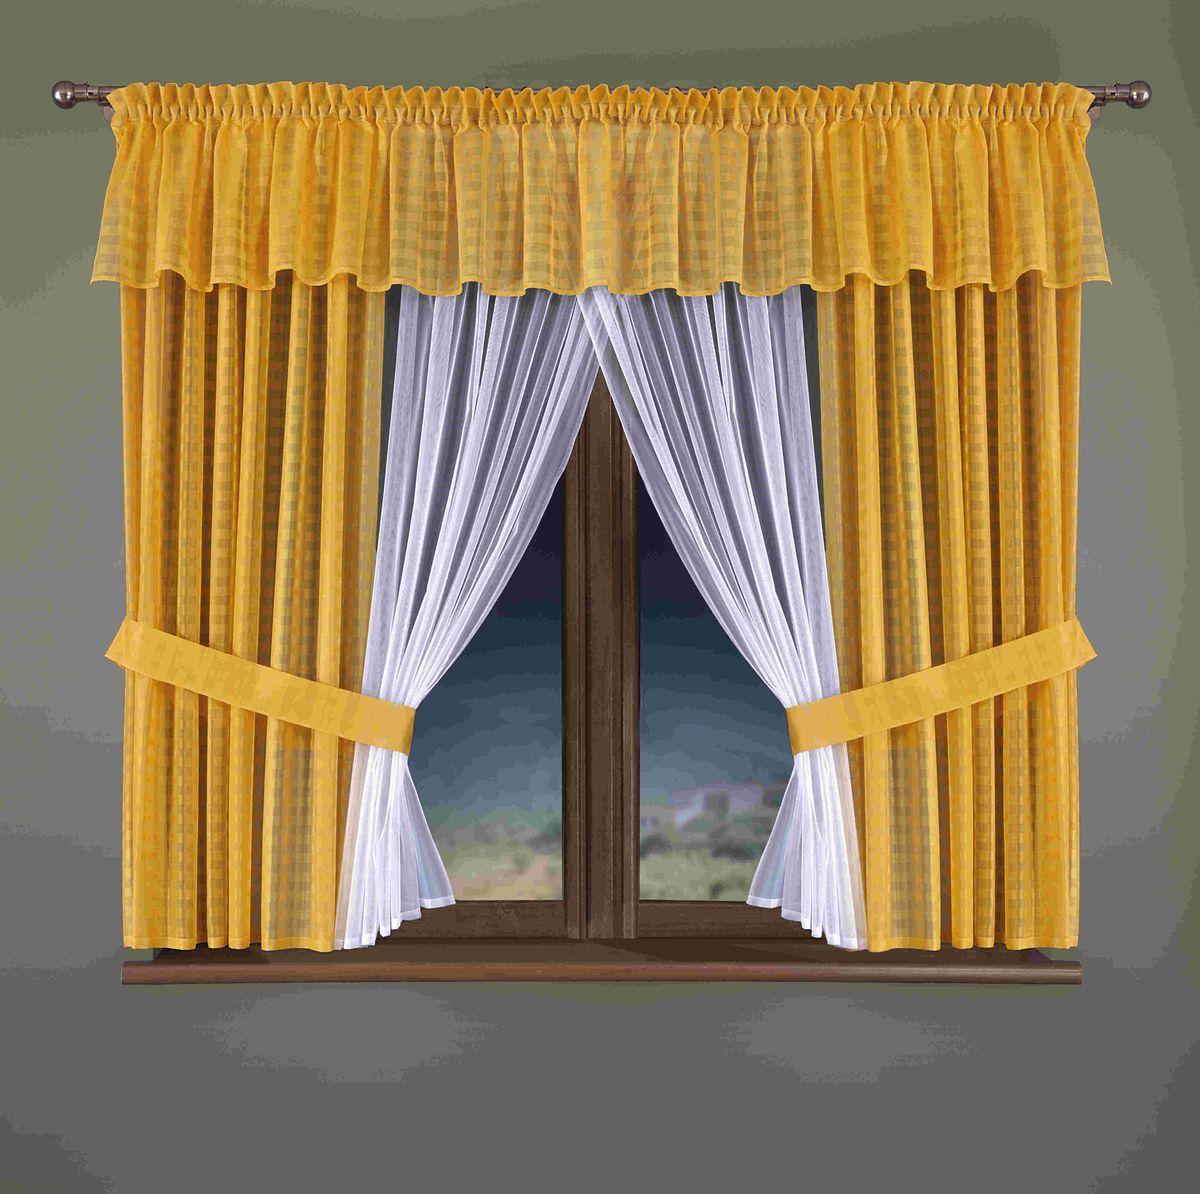 Комплект штор для кухни Wisan Sindi, цвет: белый, желтый, высота 170 смW350Комплект штор Wisan Sindi выполненный из полиэстера, великолепно украсит кухонное окно. Тонкое плетение, оригинальный дизайн привлекут к себе внимание и органично впишутся в интерьер. В комплект входят 2 шторы, тюль, ламбрекен и 2 подхвата. Нежный узор придает комплекту особый стиль и шарм. Тонкое плетение, нежная цветовая гамма и роскошное исполнение - все это делает шторы Wisan Sindi замечательным дополнением интерьера помещения. Комплект оснащен шторной лентой для красивой сборки. В комплект входит: Штора - 2 шт. Размер (ШхВ): 150 см х 170 см. Тюль - 1 шт. Размер (ШхВ): 150 см х 170 см. Ламбрекен - 1 шь. Размер (ШхВ): 400 см х 40 см. Подхват - 2 шт. Фирма Wisan на польском рынке существует уже более пятидесяти лет и является одной из лучших польских фабрик по производству штор и тканей. Ассортимент фирмы представлен готовыми комплектами штор для гостиной, детской, кухни, а также текстилем для кухни (скатерти,...